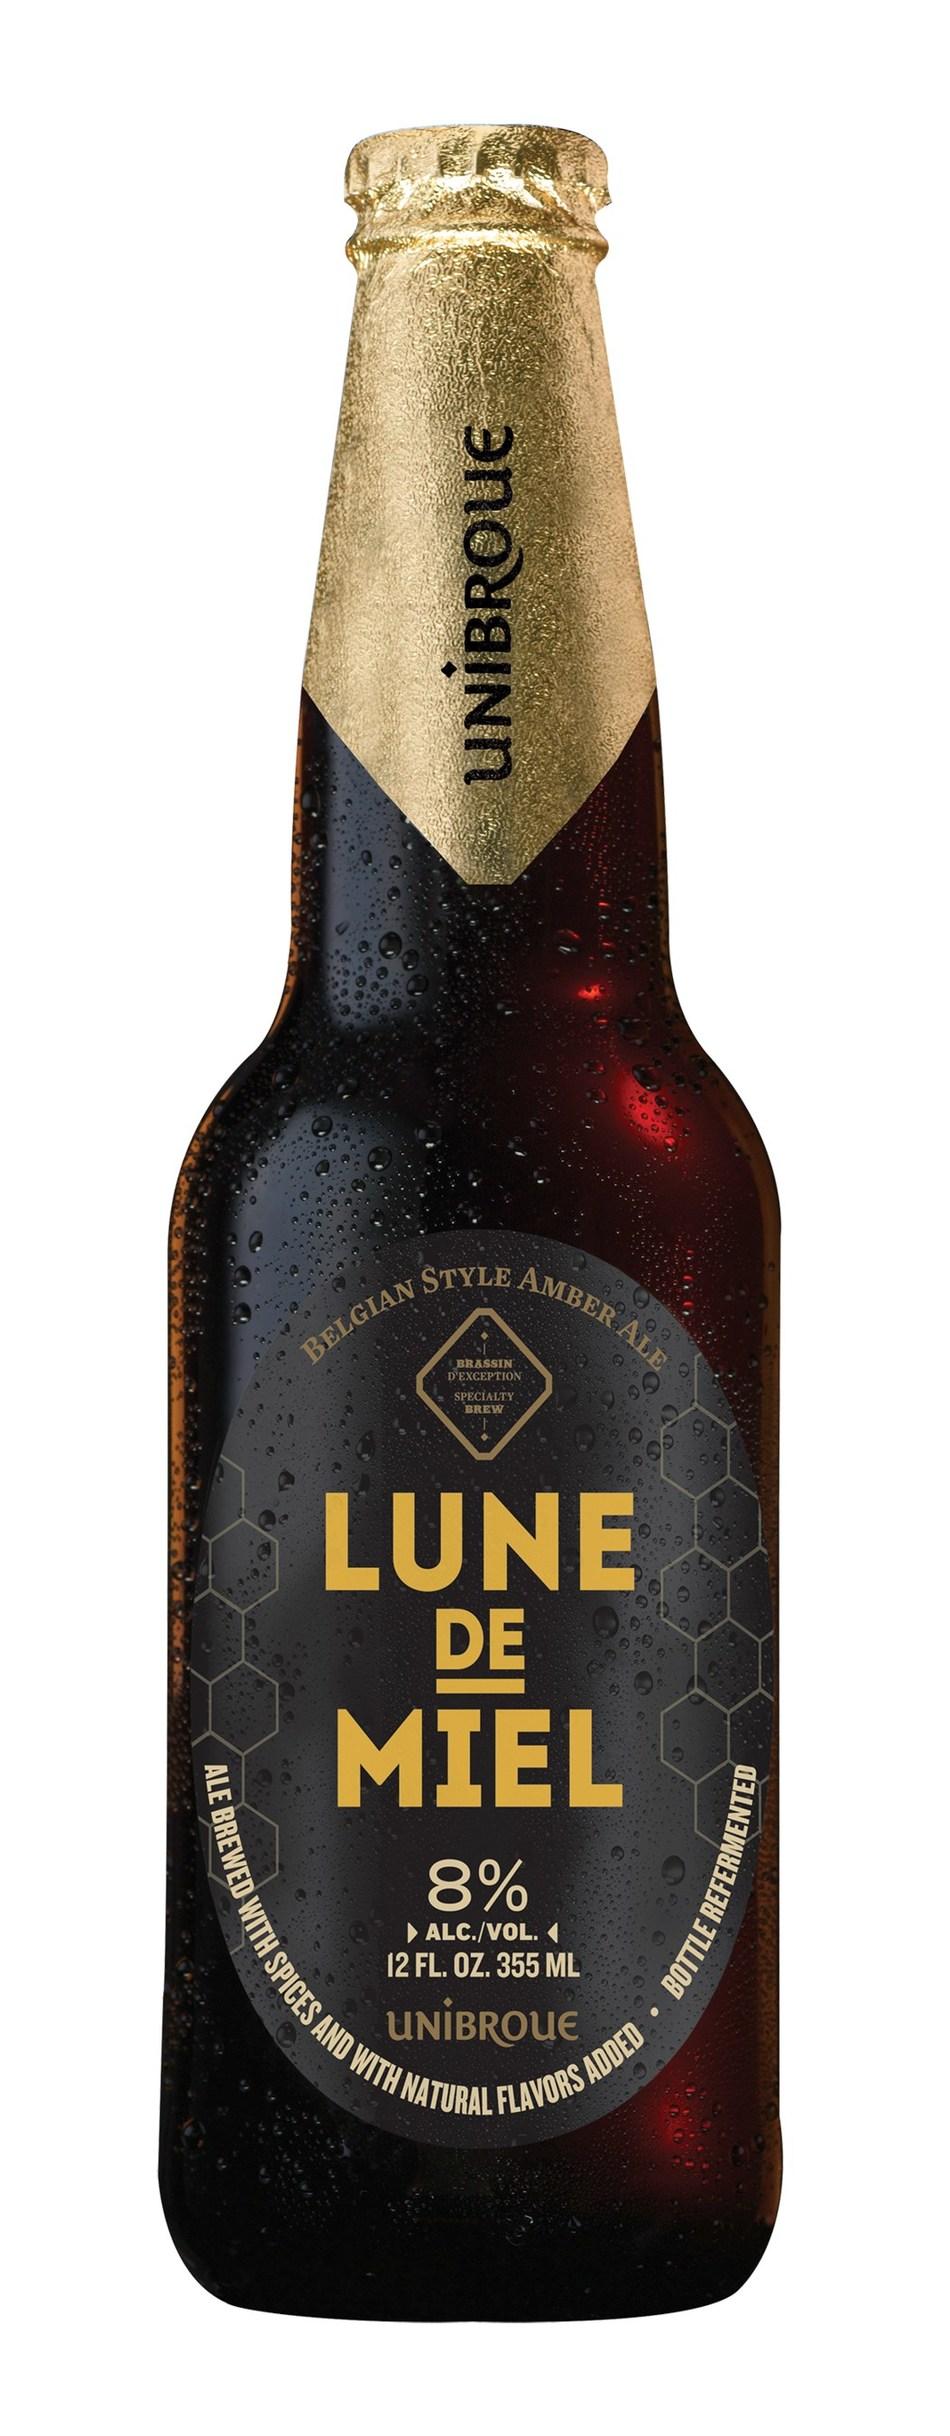 Unibroue Lune de Miel (CNW Group/Unibroue)